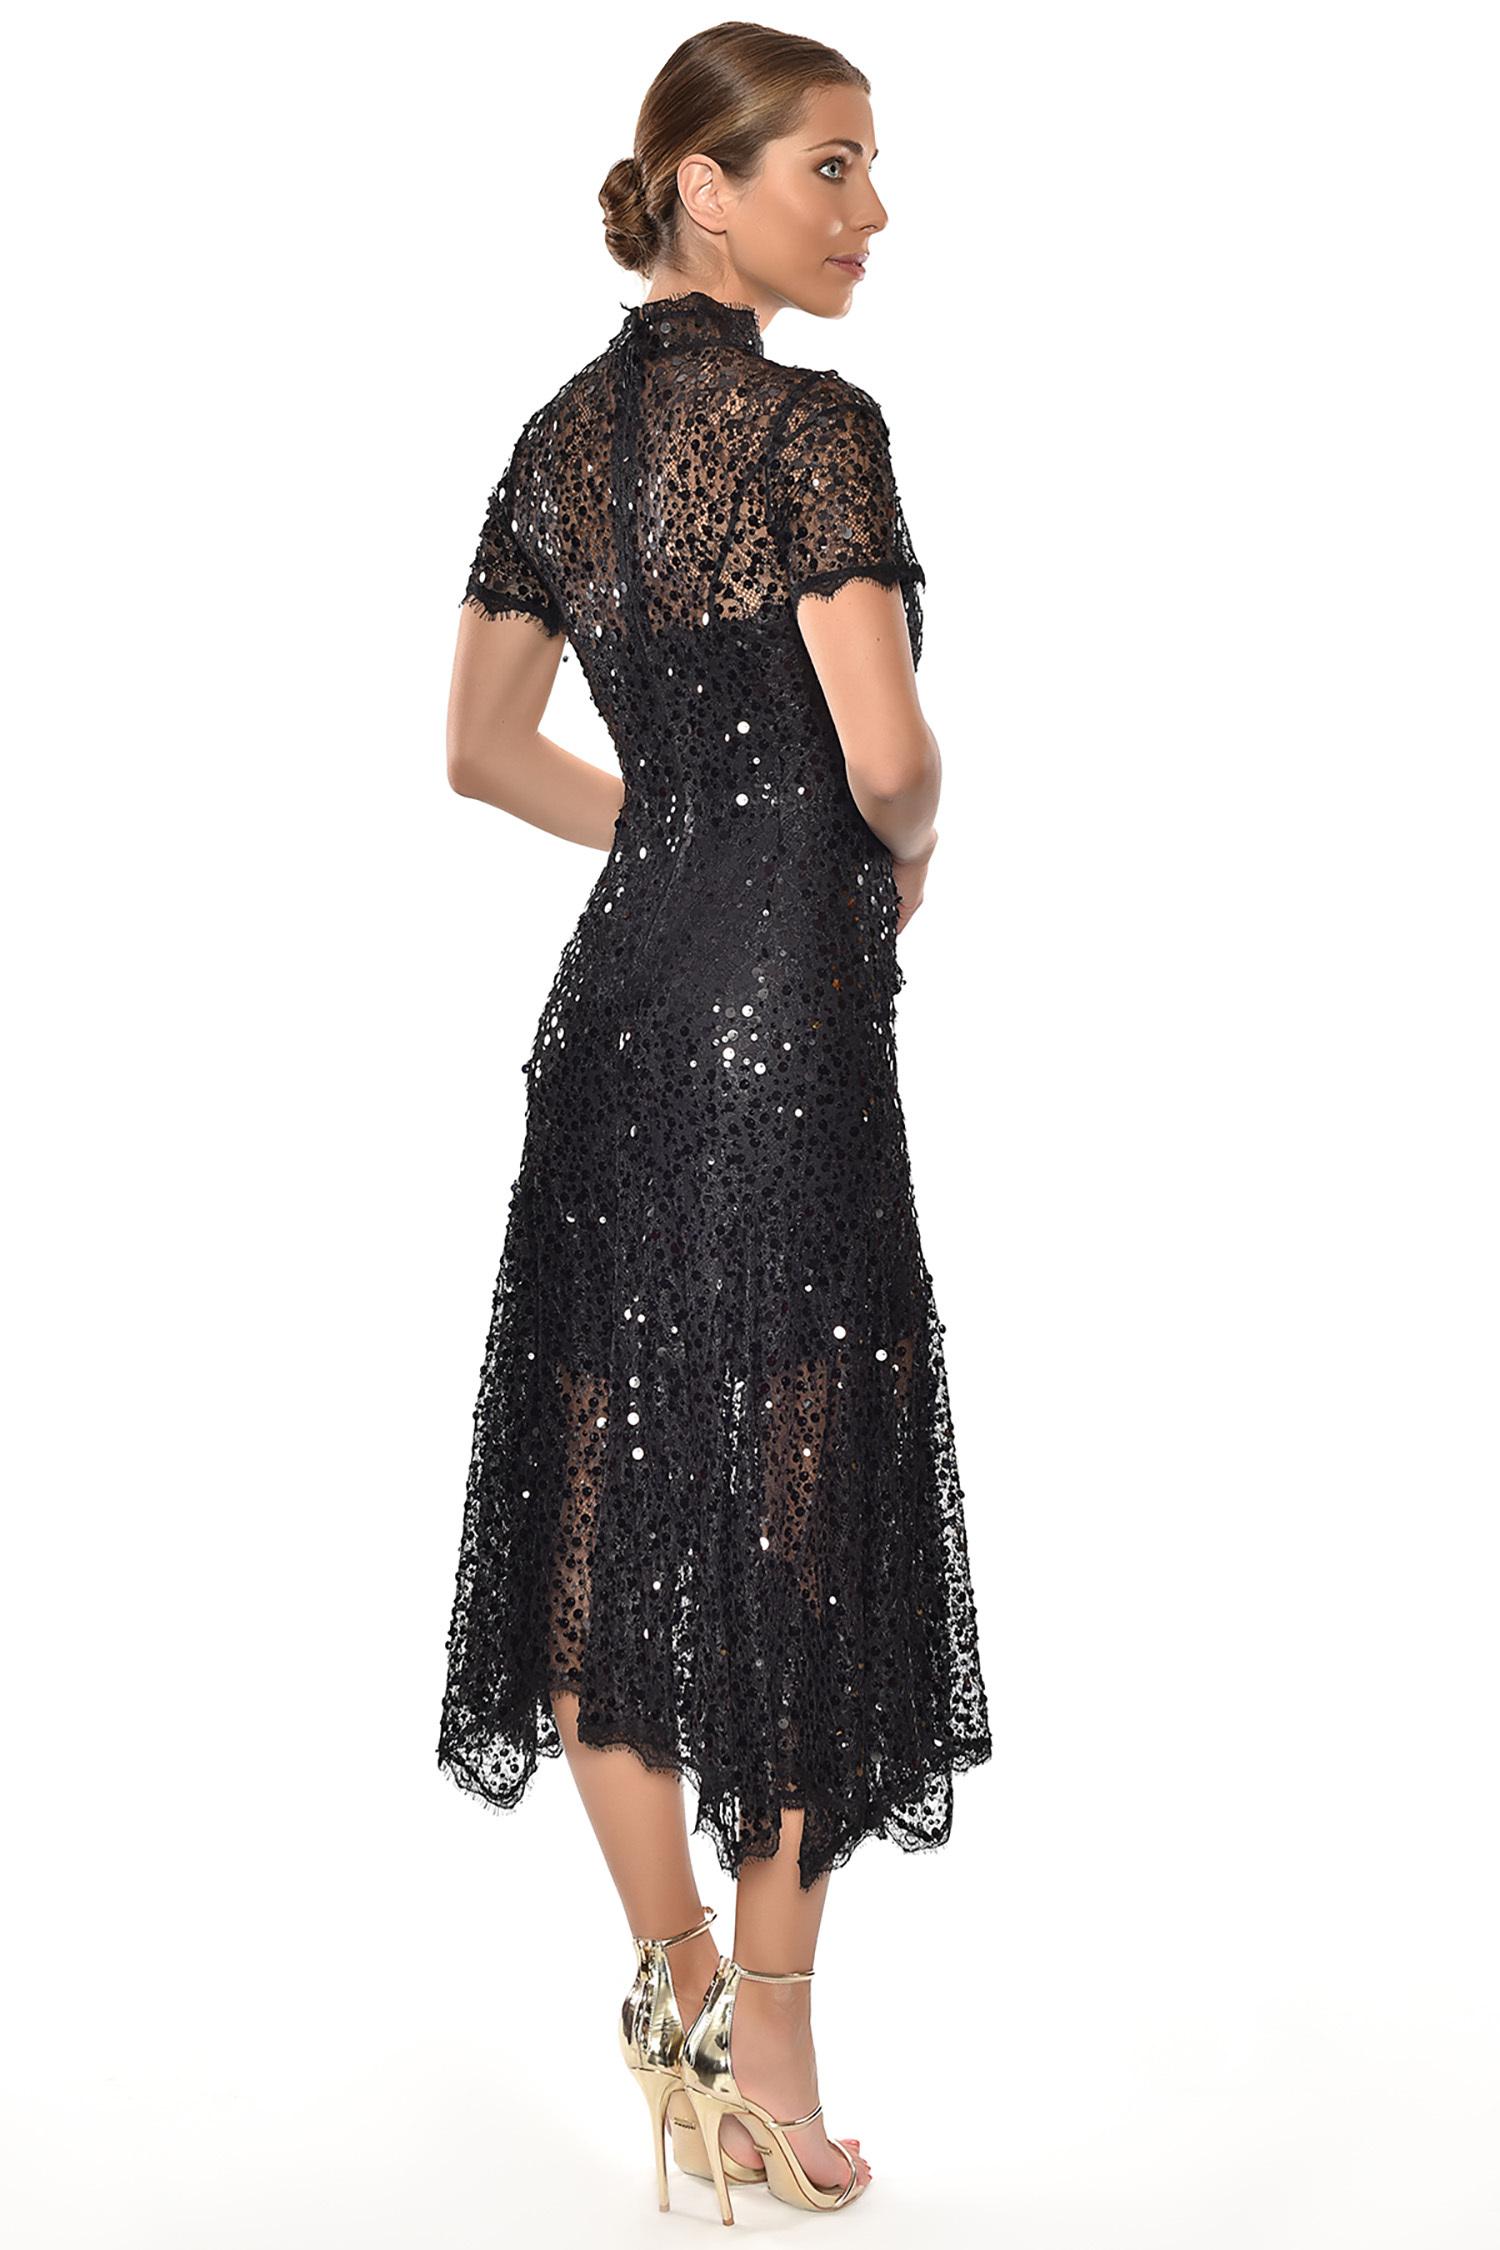 Alfa Beta - Siyah Payet İşlemeli Kısa Kollu Yırtmaçlı Midi Boy Elbise (1)